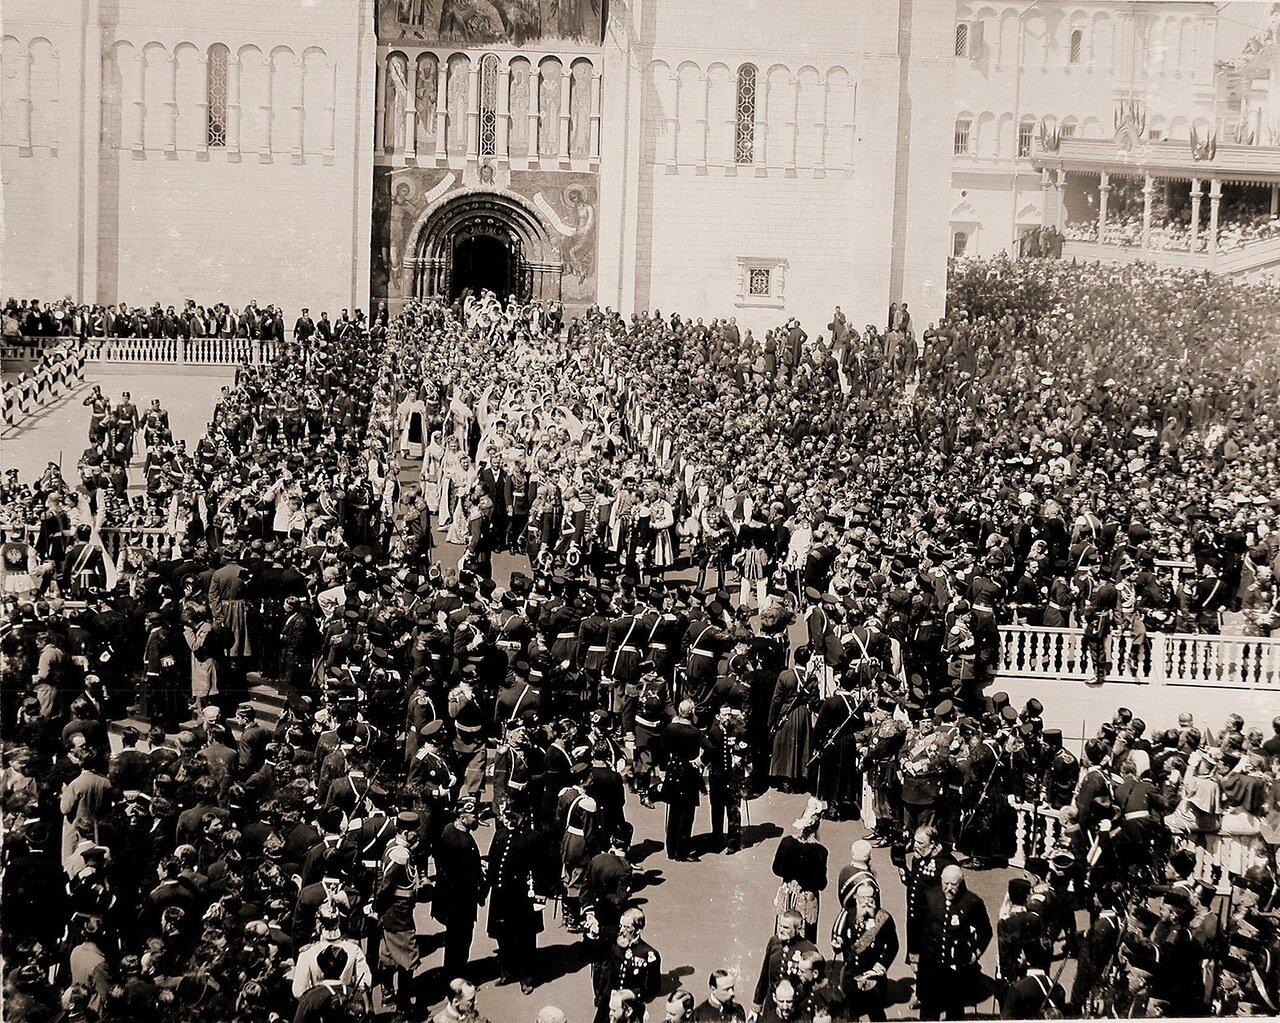 Представители иностранных делегаций выходят из южных дверей Успенского собора на Соборную площадь Кремля по окончании церемонии торжественной коронации; справа от собора и на первом плане - волостные старшины губернии